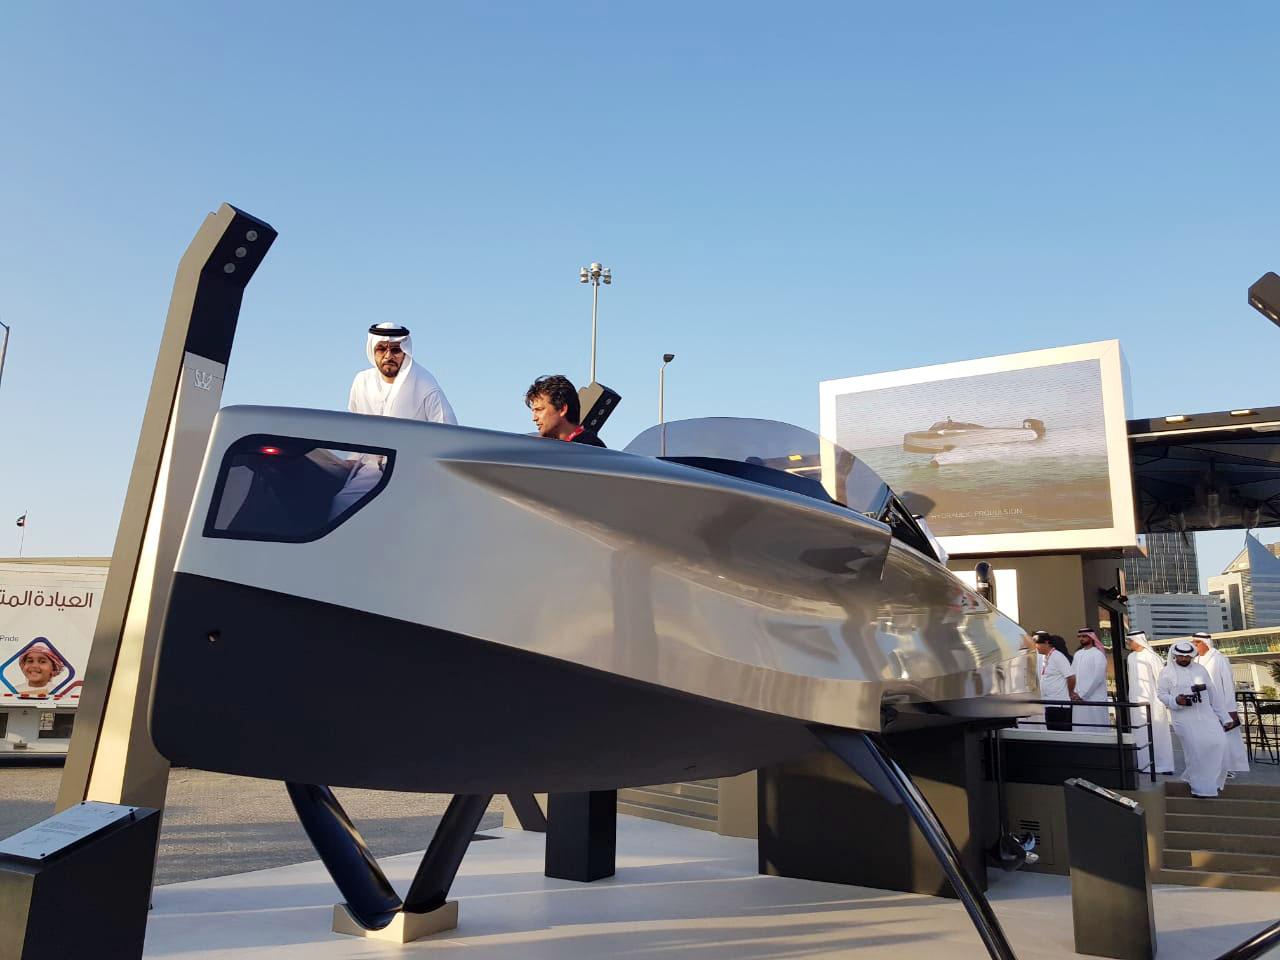 خليفة بن محمد يفتتح معرض أبوظبي الدولي للقوارب 2019